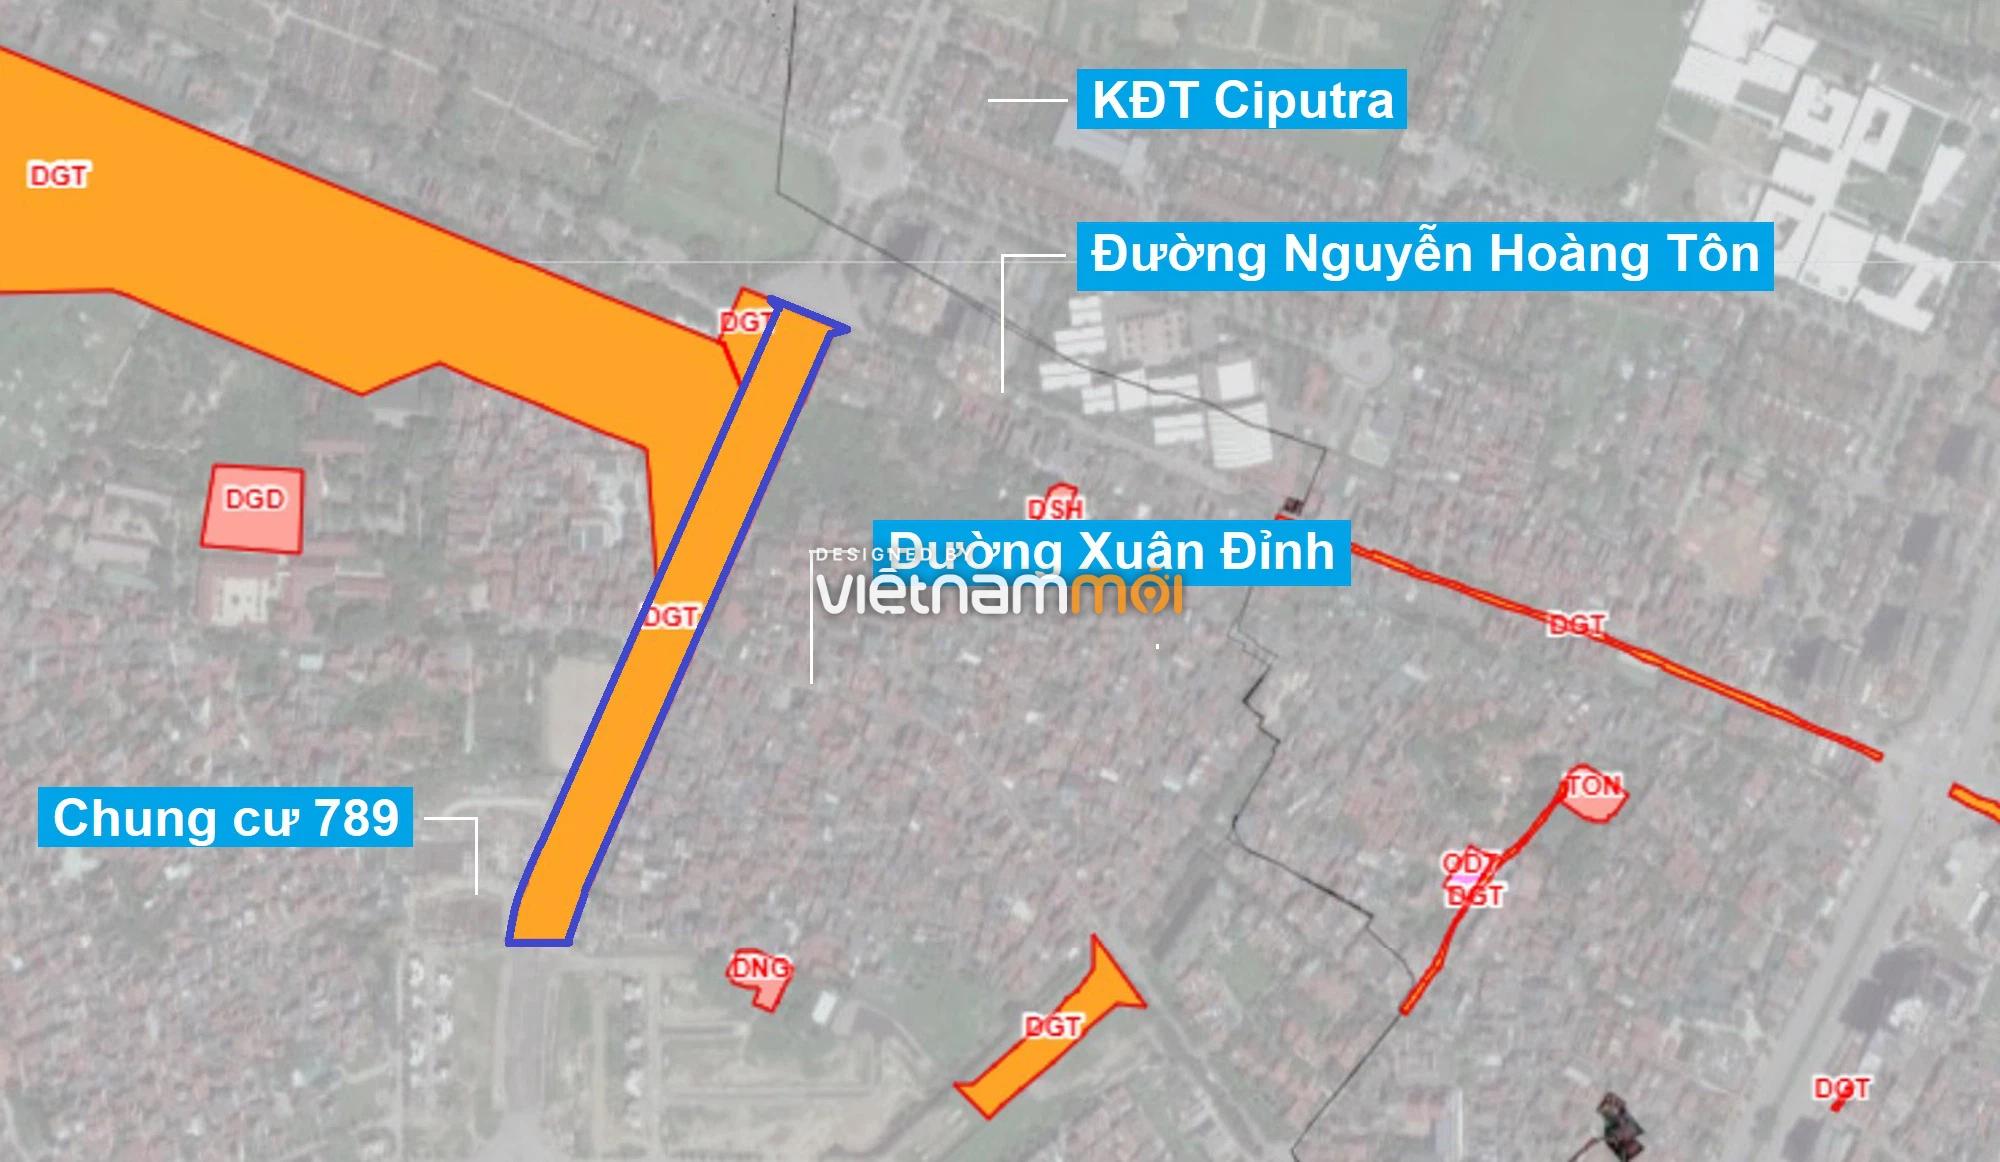 Những khu đất sắp thu hồi để mở đường ở quận Bắc Từ Liêm, Hà Nội (phần 1) - Ảnh 1.